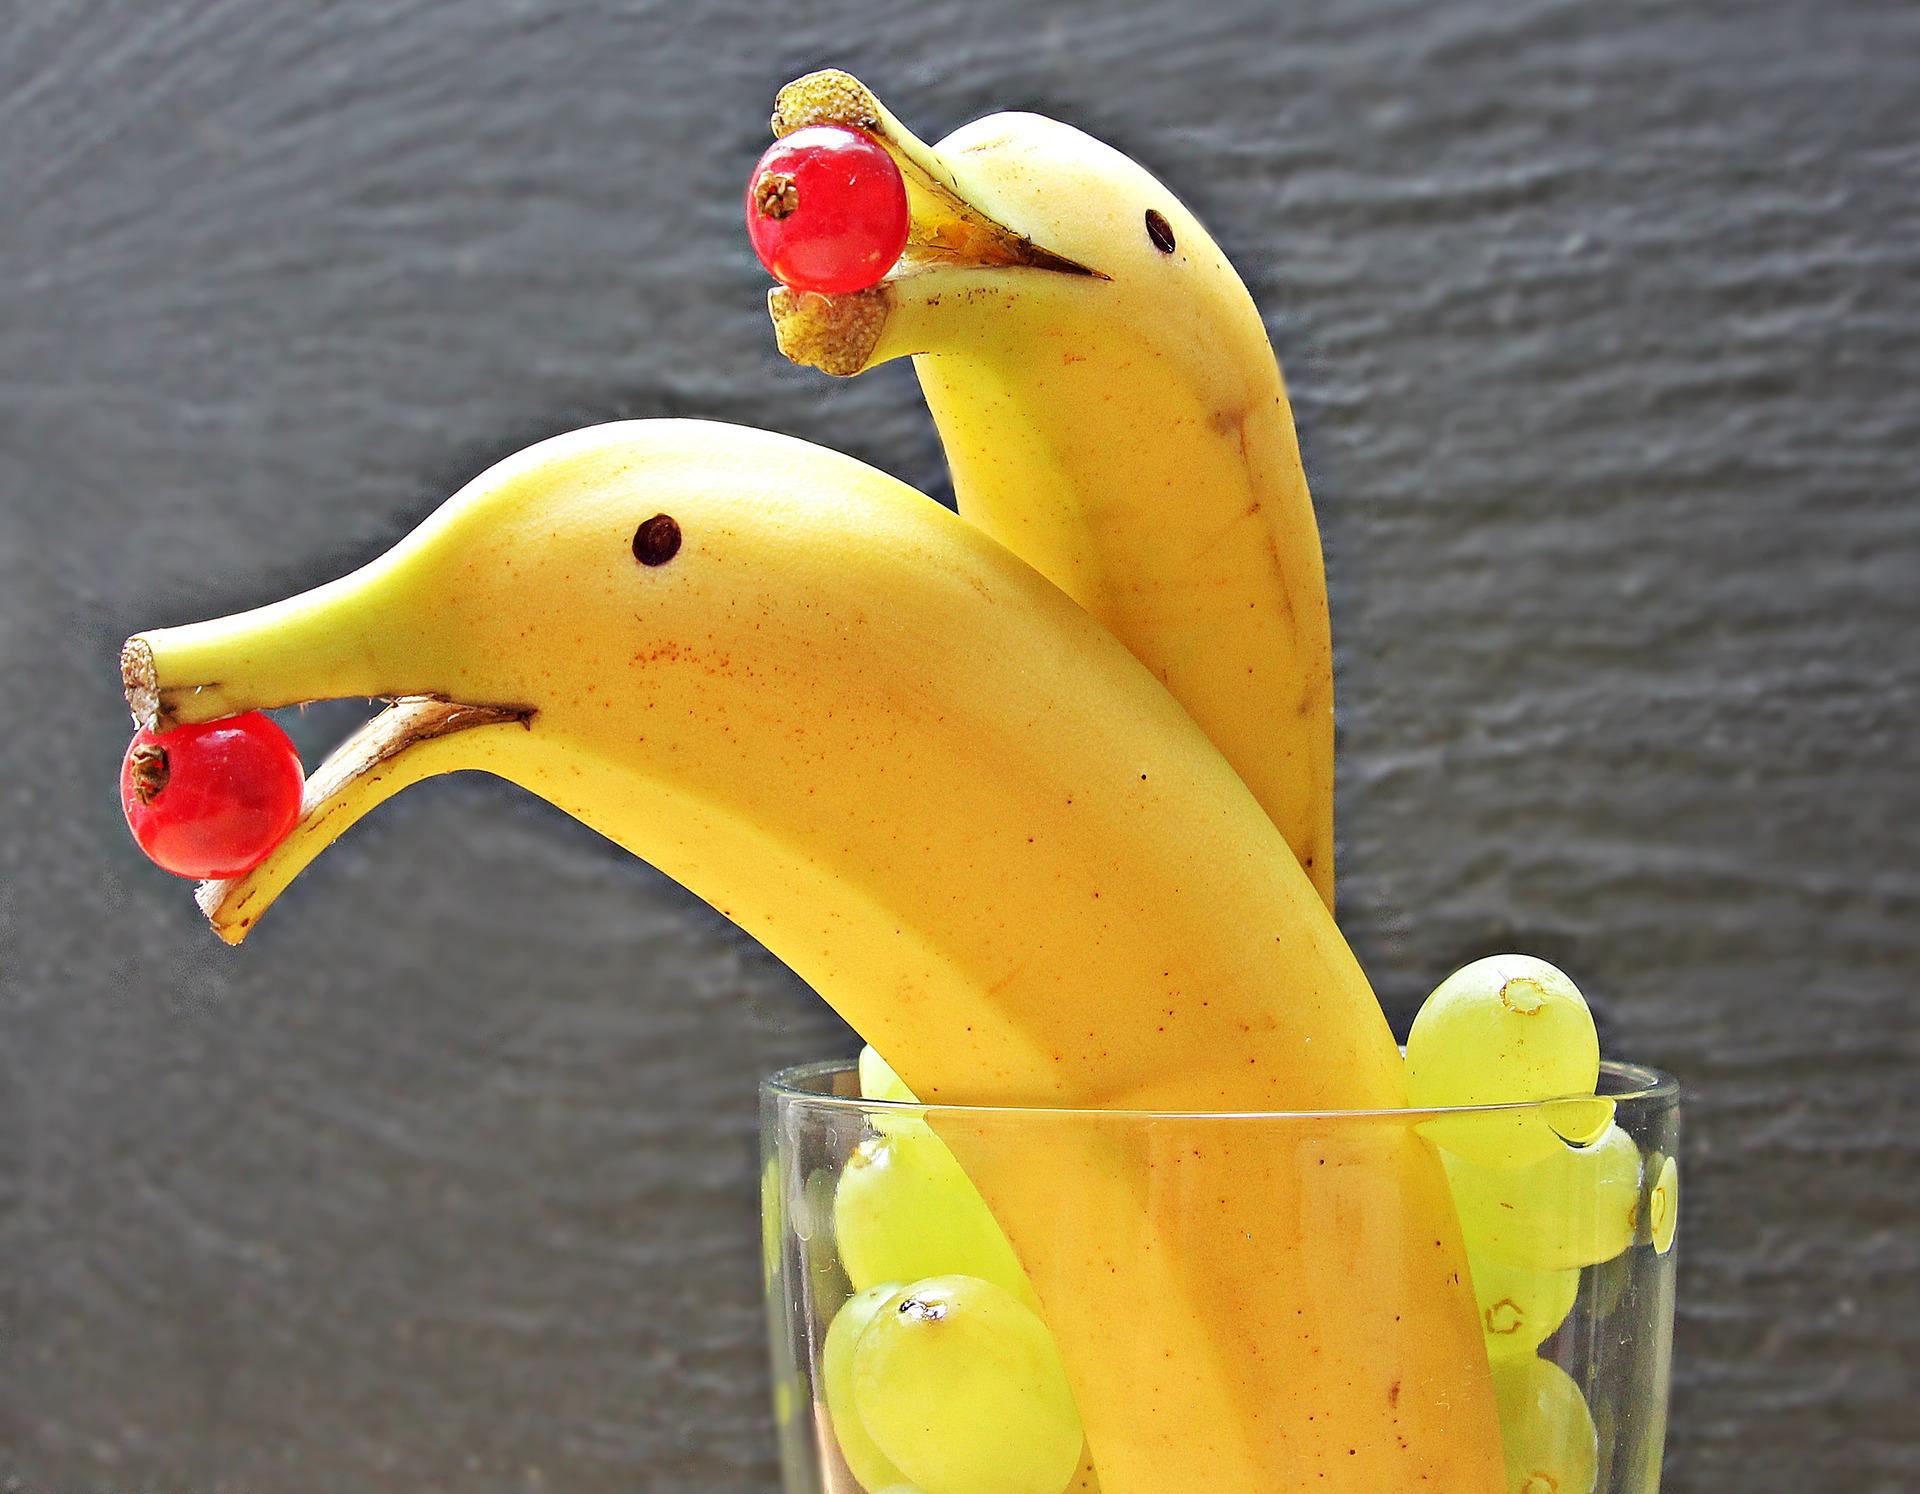 Das Bild zeigt zu Delfinen dekorierte Bananen in einem Glas voll Trauben